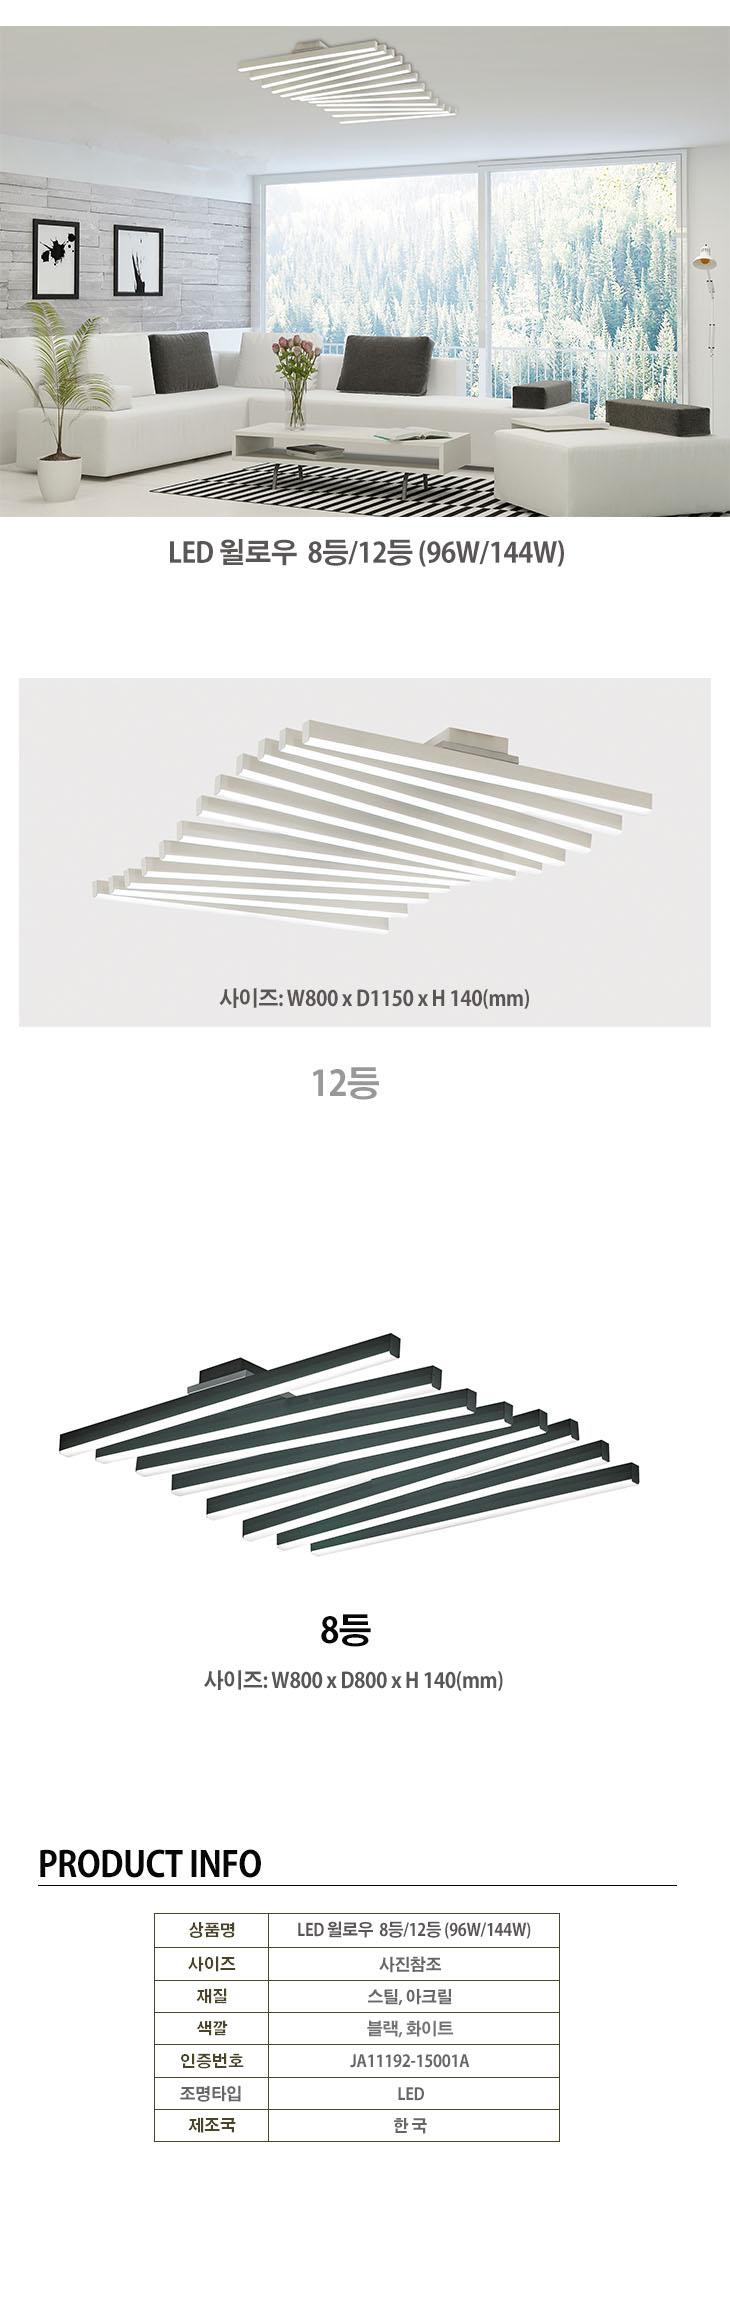 LED 윌로우 12등(144W) - 하우스코디, 1,632,000원, 디자인조명, 팬던트조명